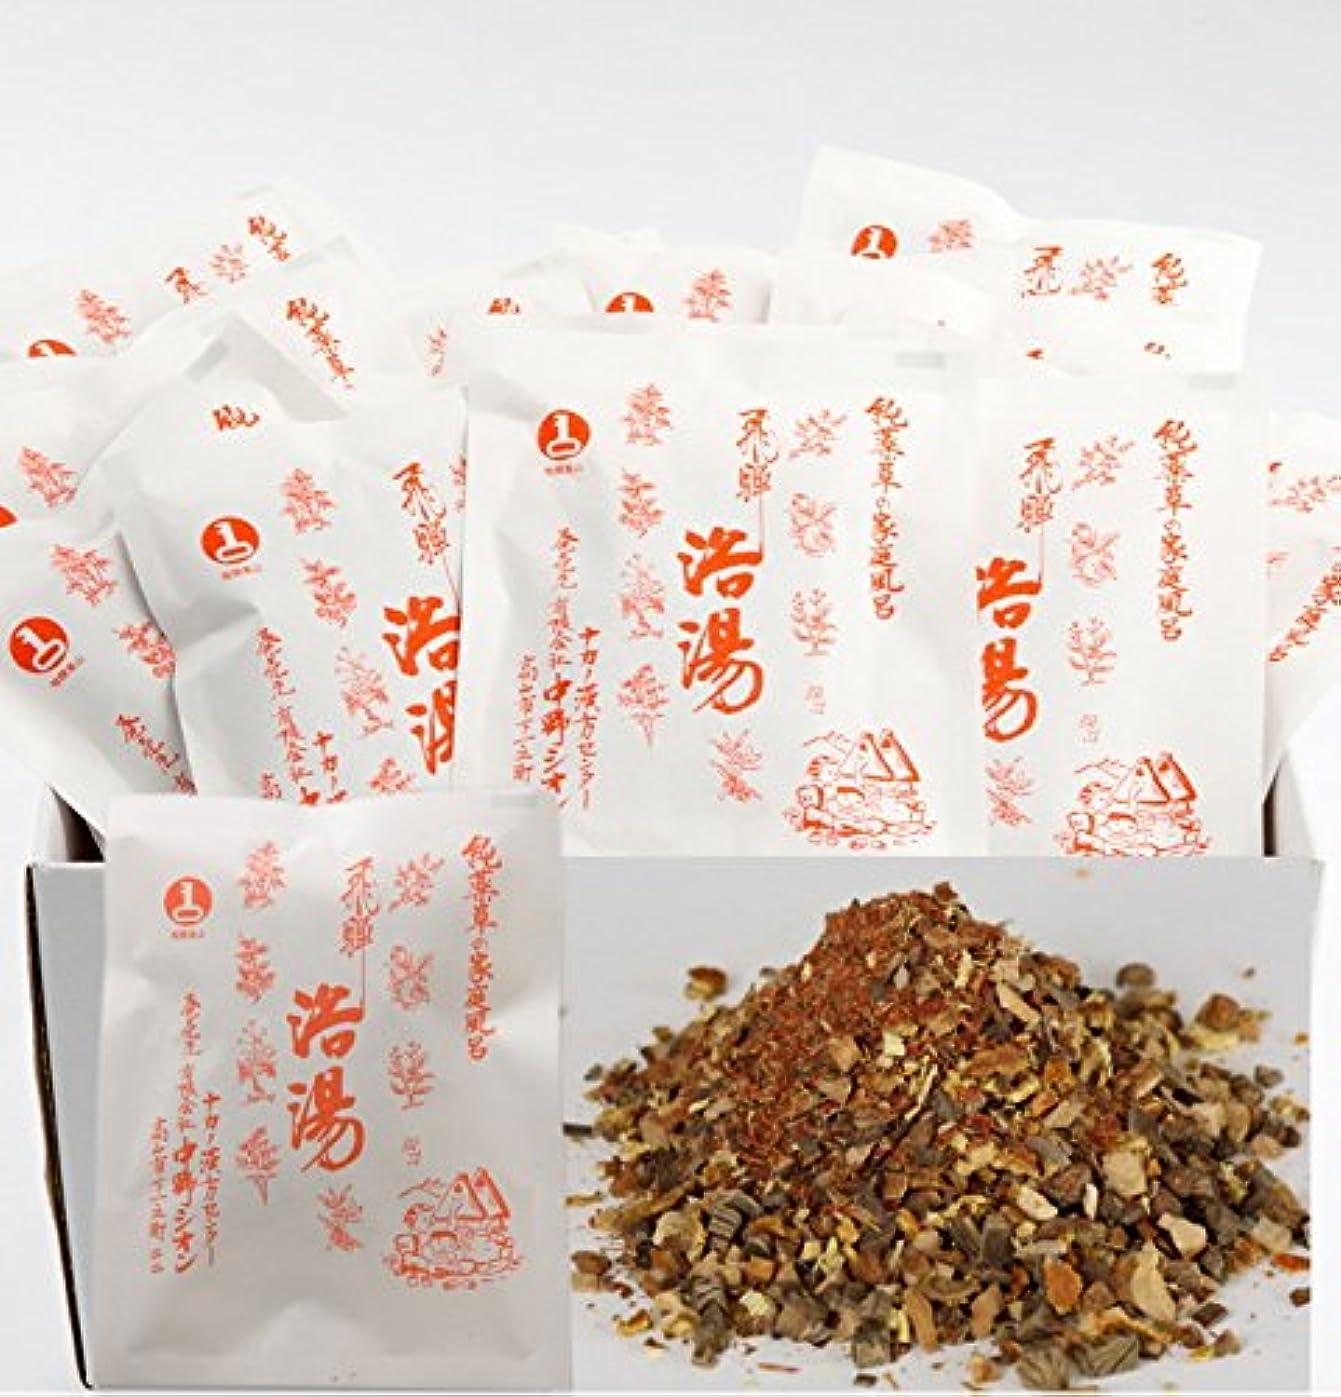 浴湯 飛騨浴湯 ~純薬草のお風呂~ 16袋(16包)セット